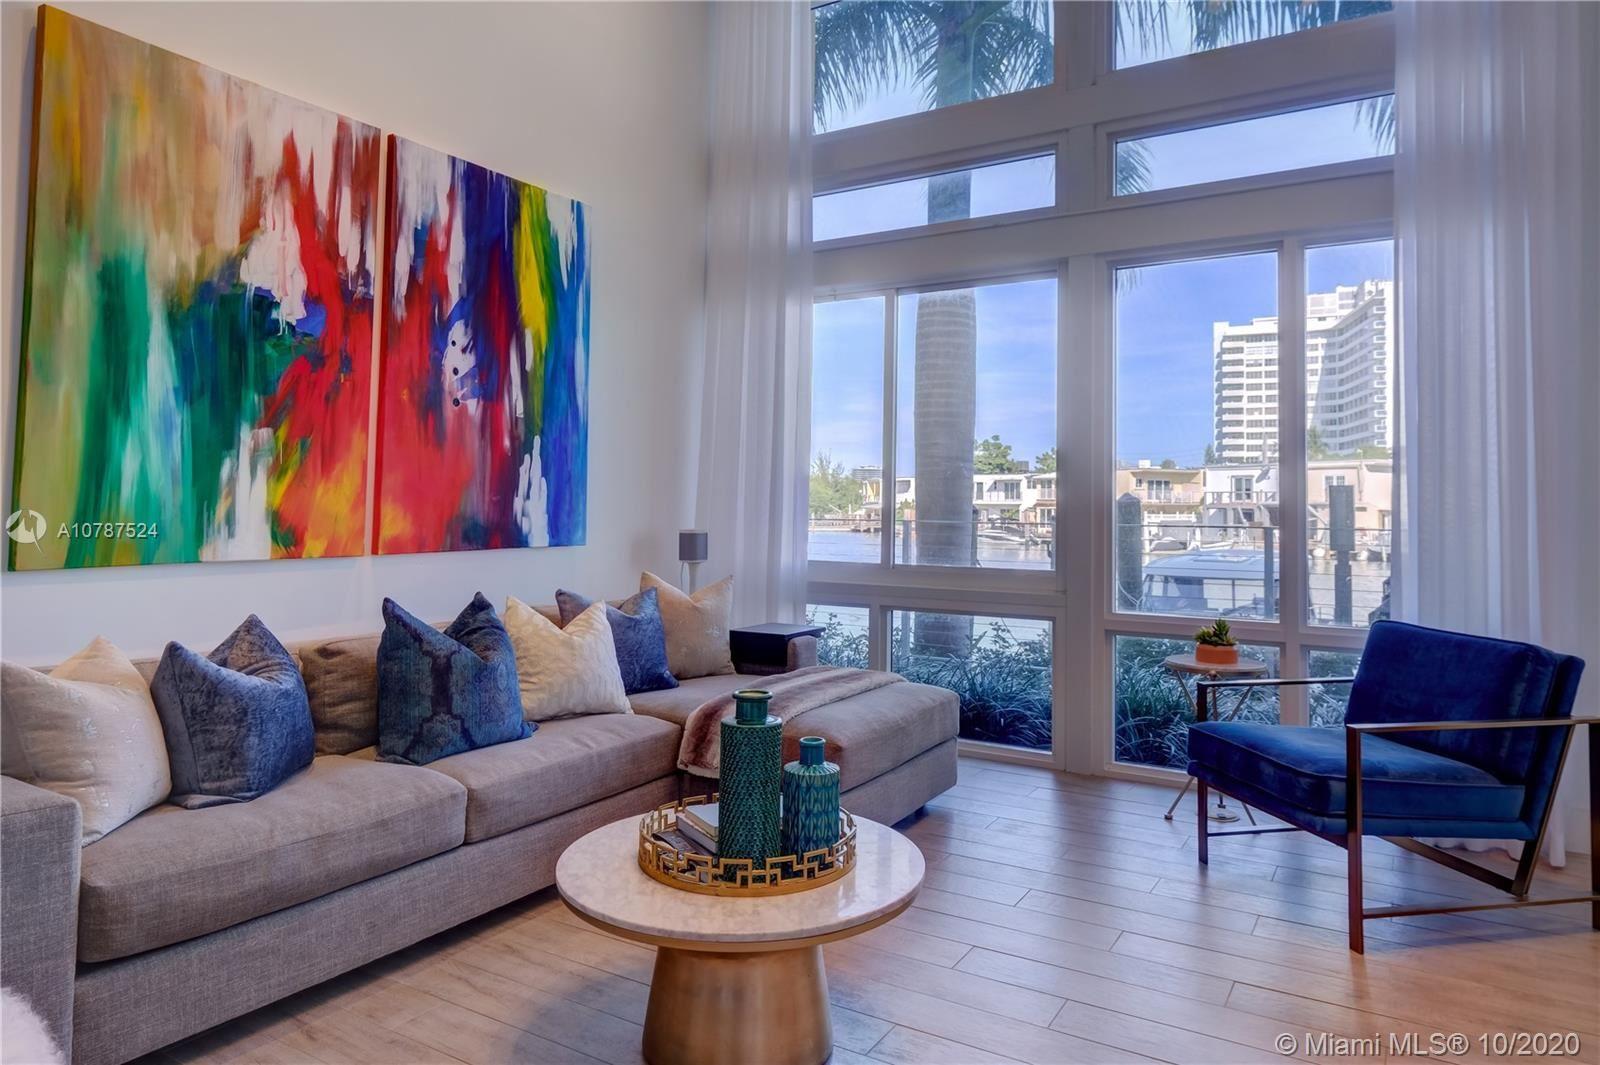 77 N Shore Dr #77, Miami Beach, FL 33141 - #: A10787524